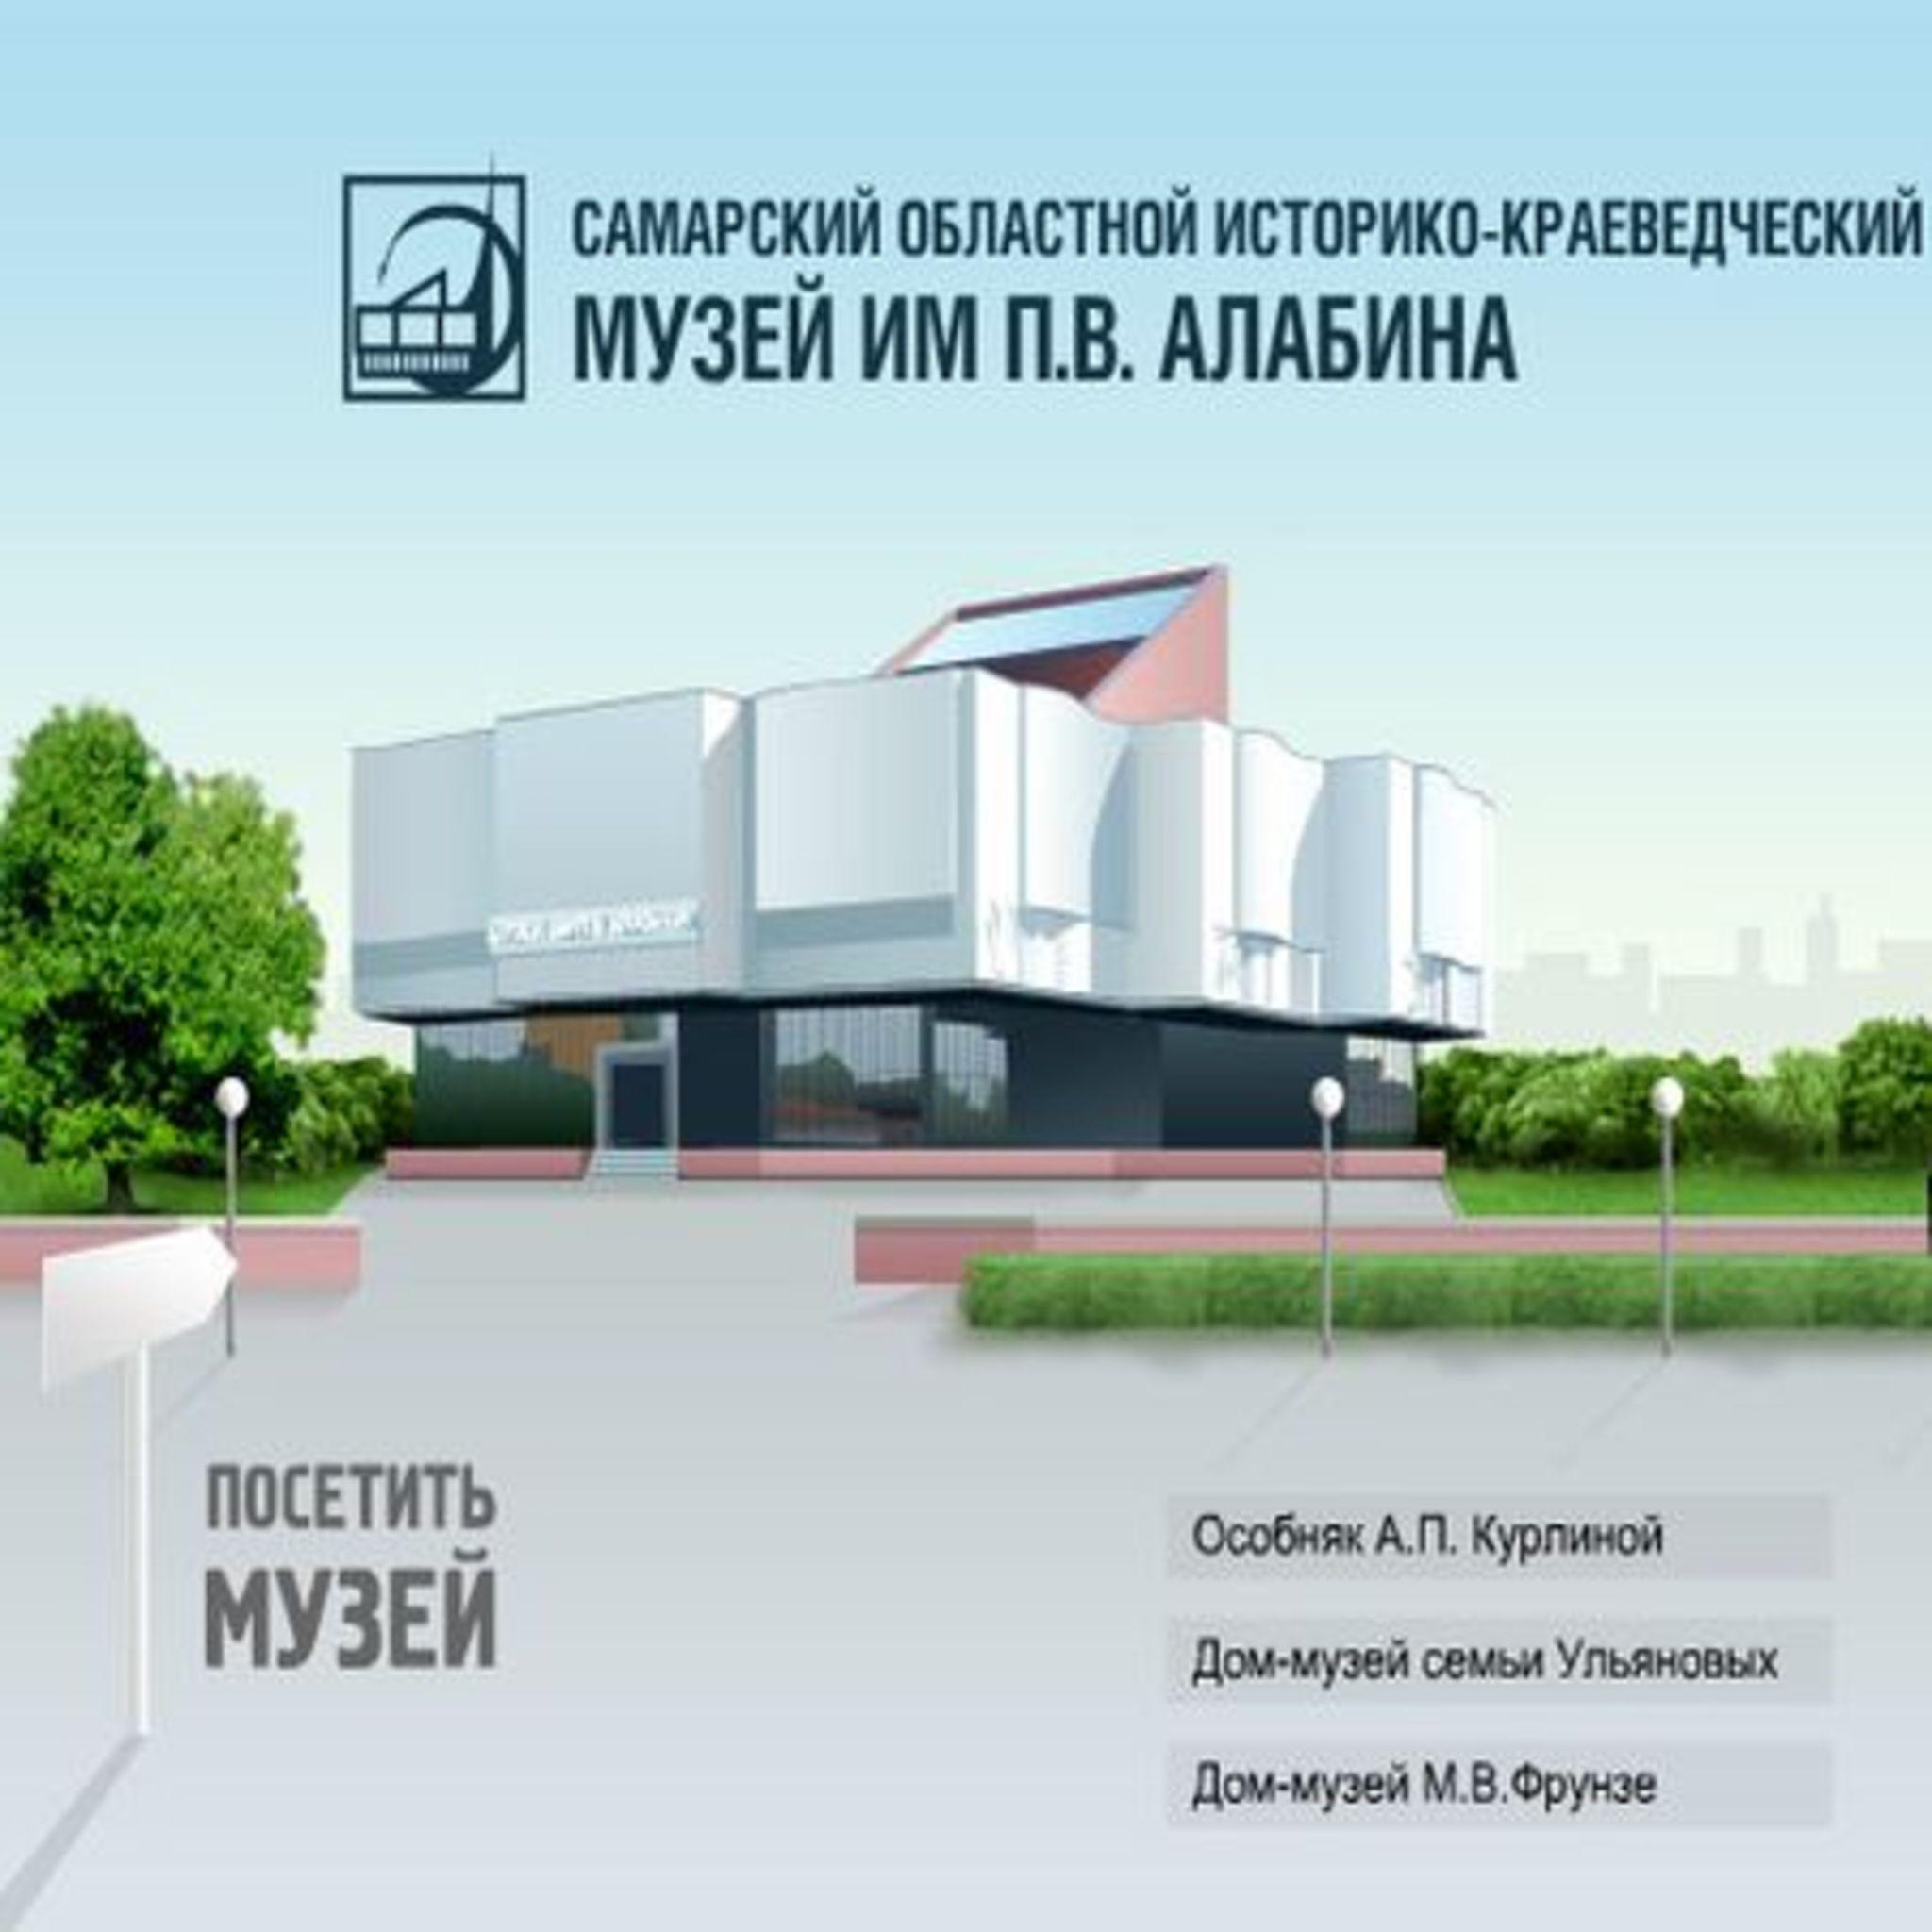 «Самарский областной историко-краеведческий музей им. П.В.Алабина»